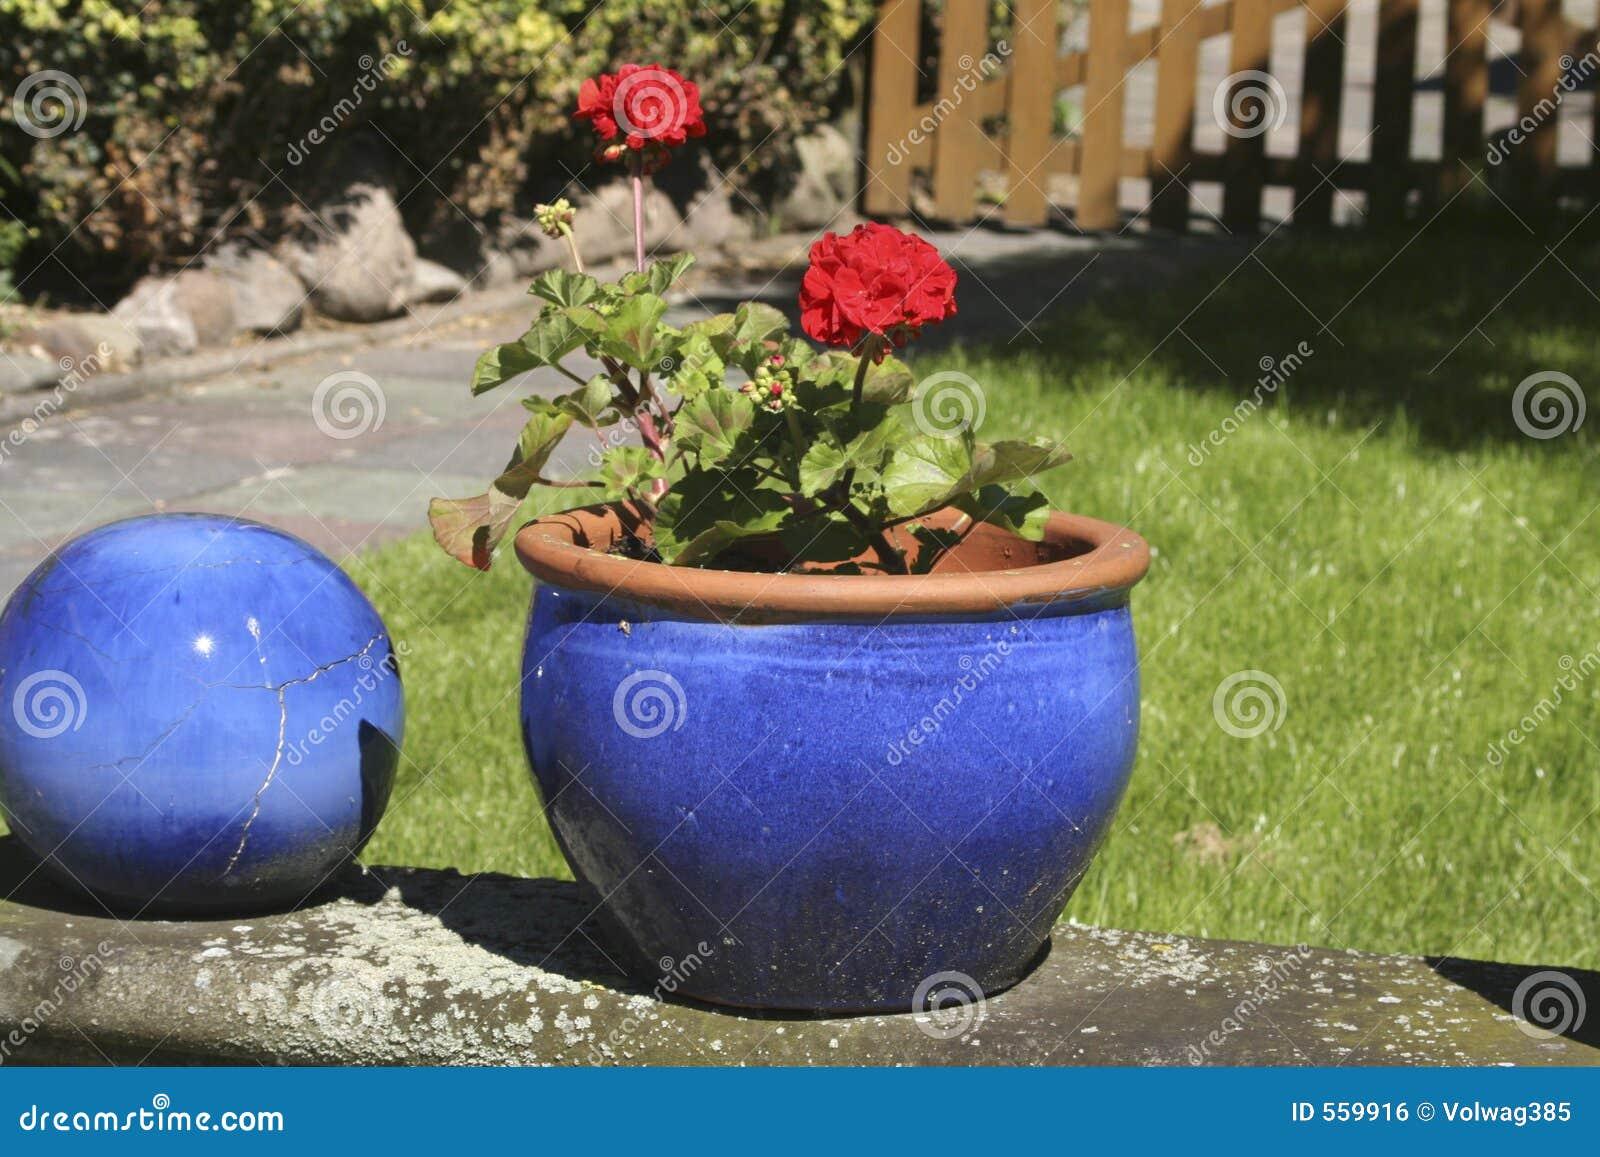 Rode Bloem Blauwe Pot Stock Foto Afbeelding Bestaande Uit Summer